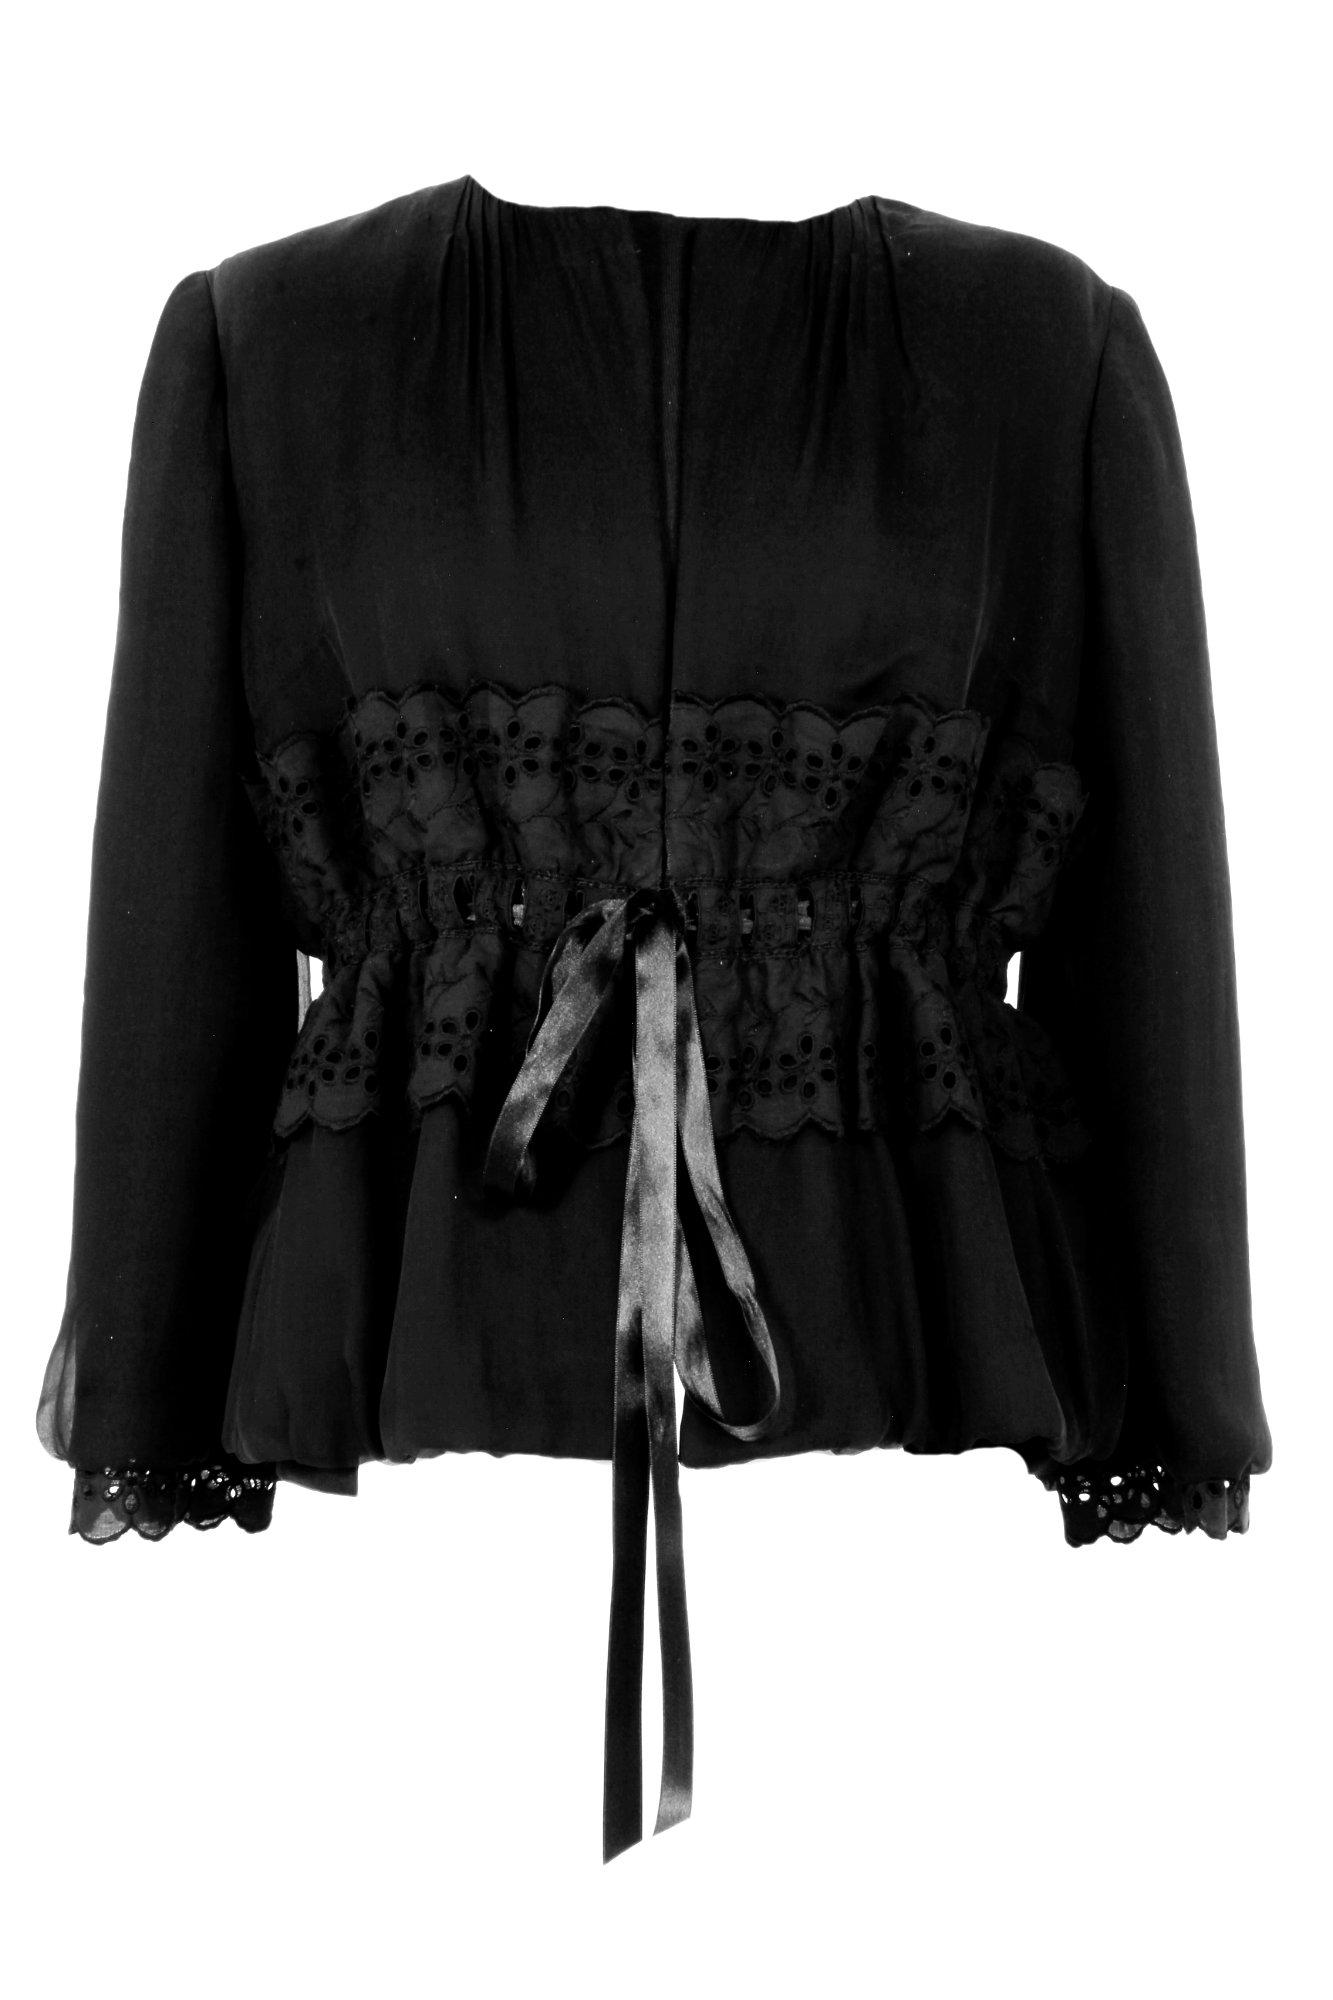 Dolce & Gabbana Blazer in Schwarz mit Spitze, von vorne gesehen